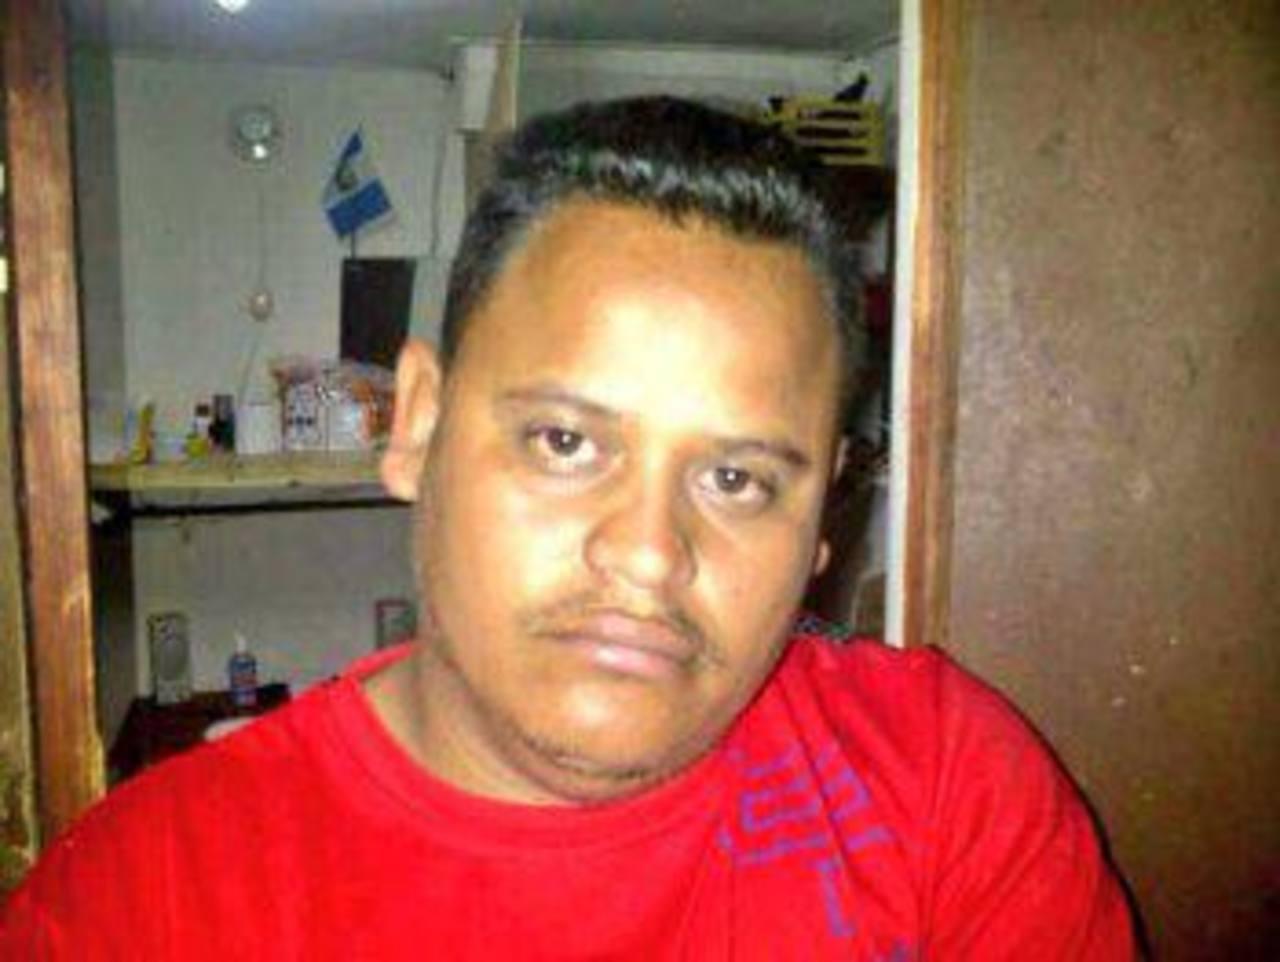 Según los periódicos de Guatemala, este es Ismael Ernesto Alvarado, de nacionalidad salvadoreña. Foto EDH / Cortesía.